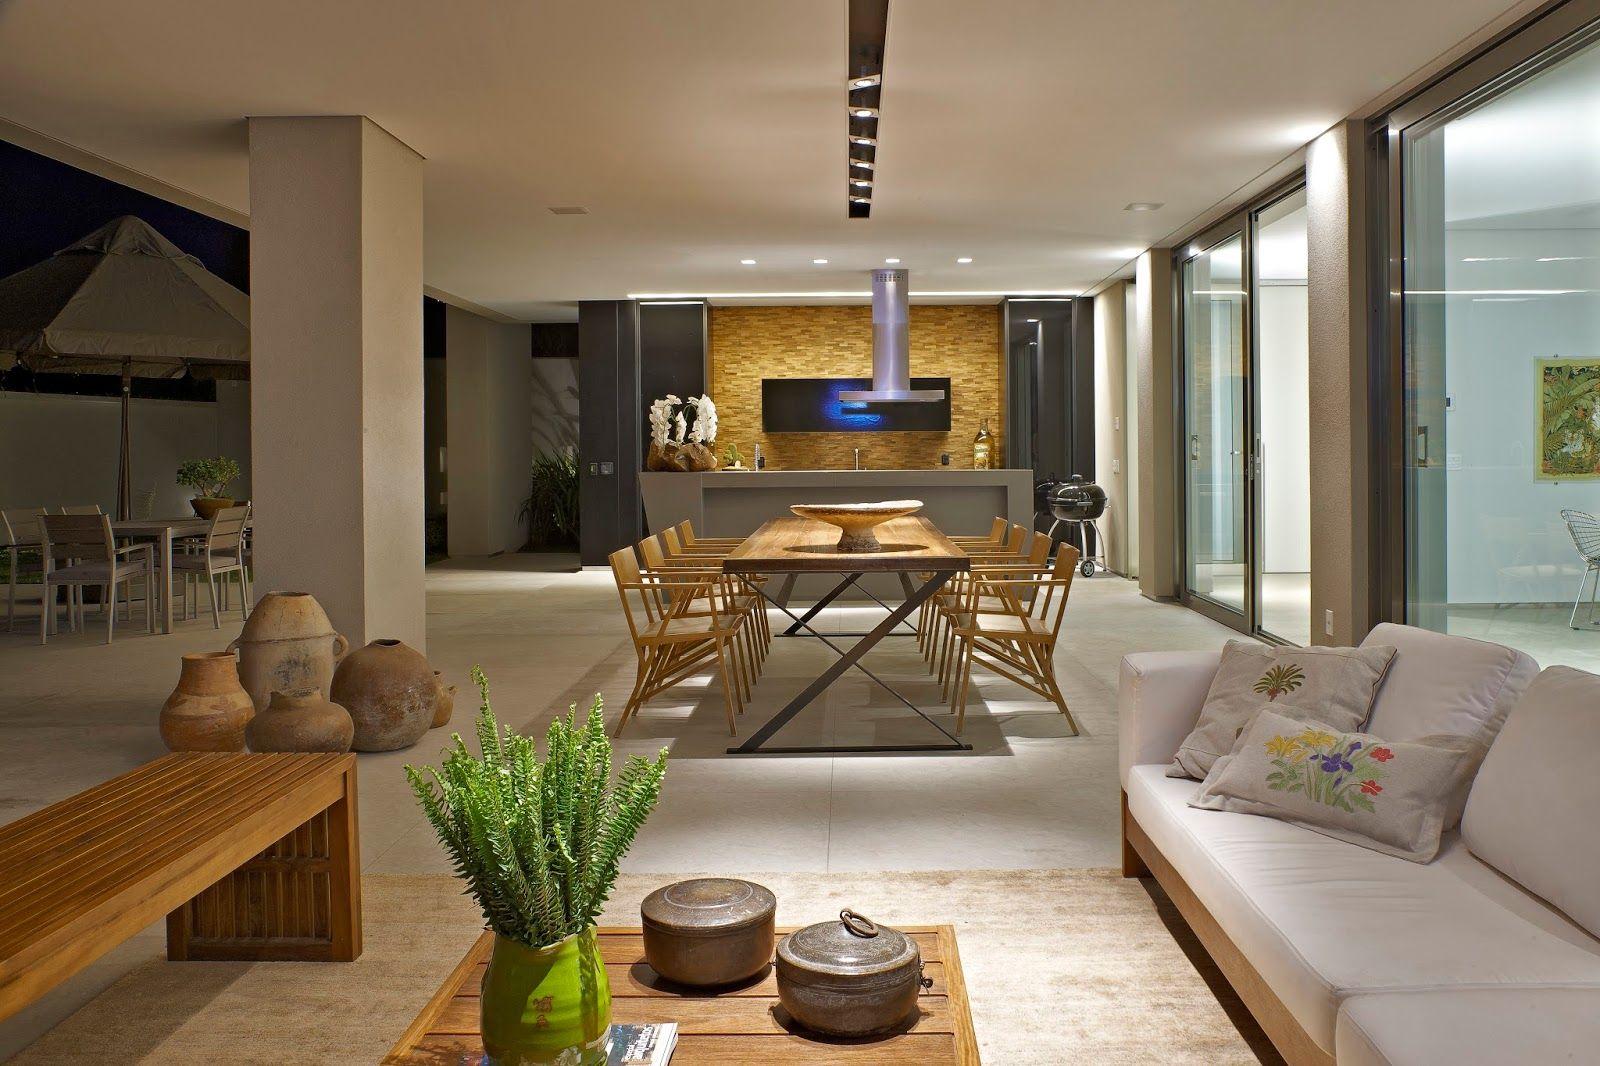 Casa luxo veja a decora o dos ambientes cl ssico for Ambientes interiores